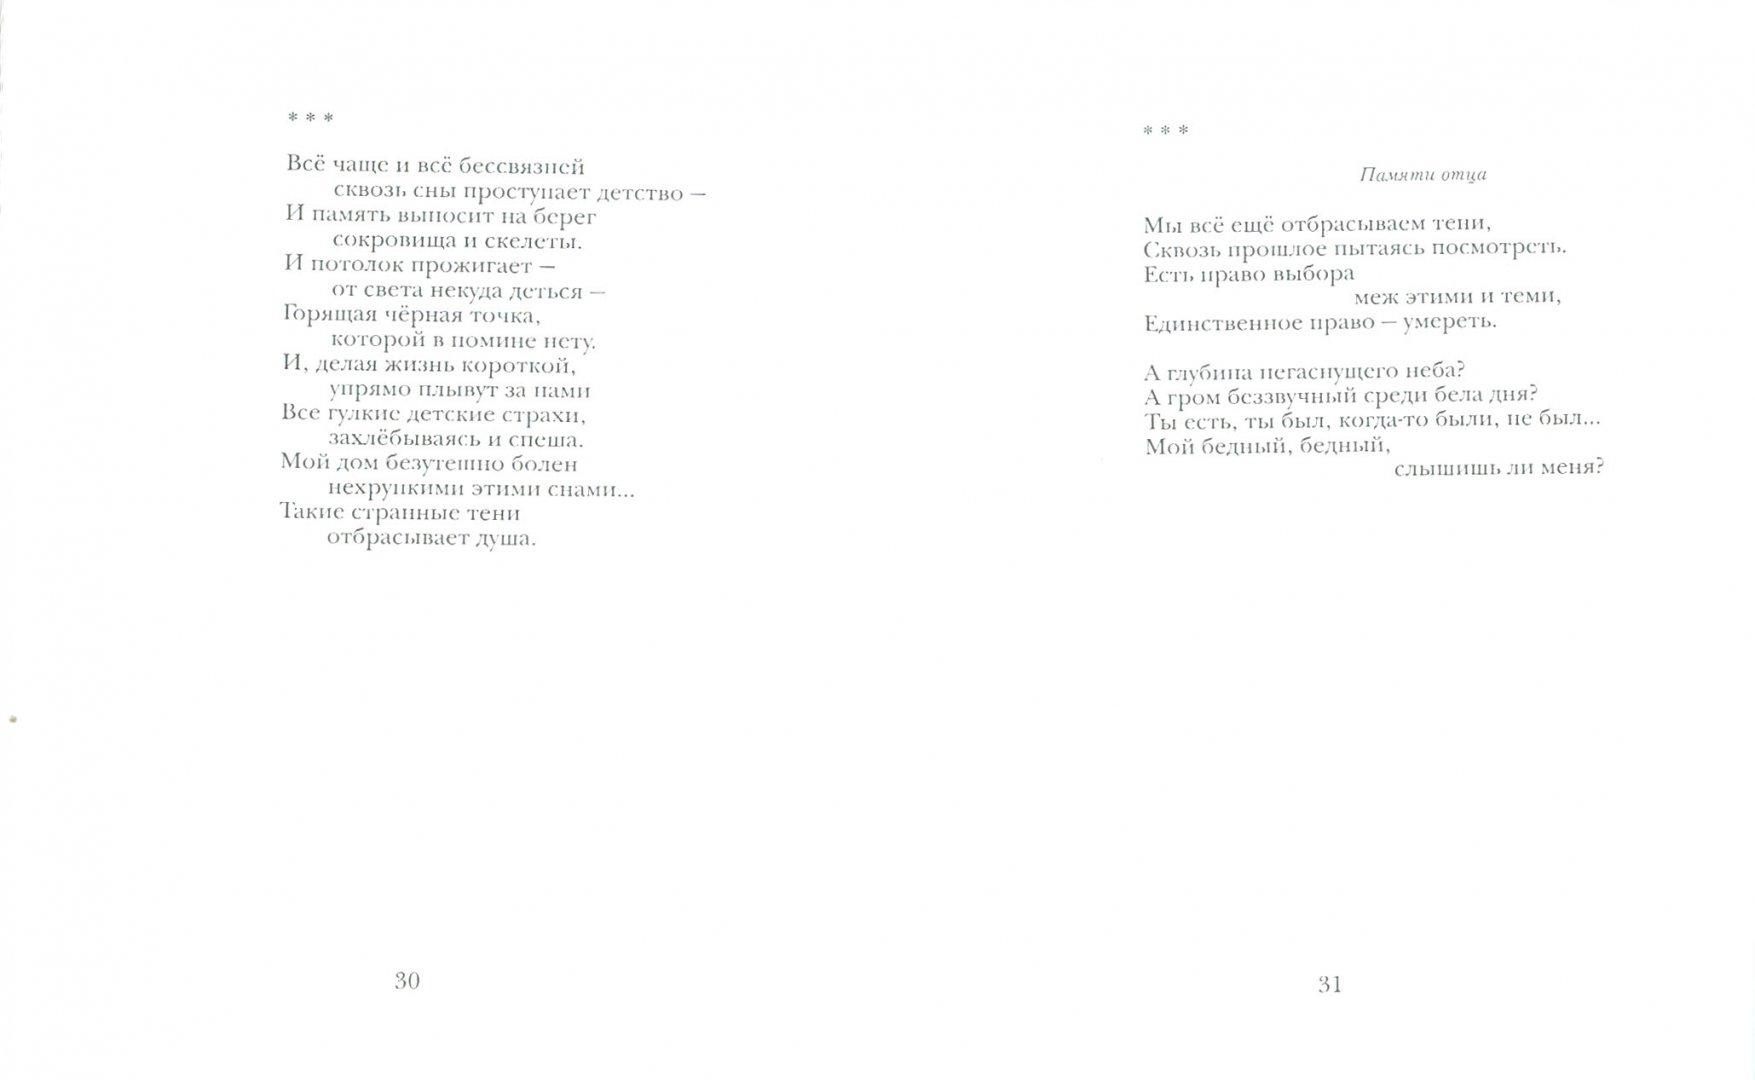 Иллюстрация 1 из 15 для Вместо разлуки. Книга стихов - Галина Нерпина | Лабиринт - книги. Источник: Лабиринт